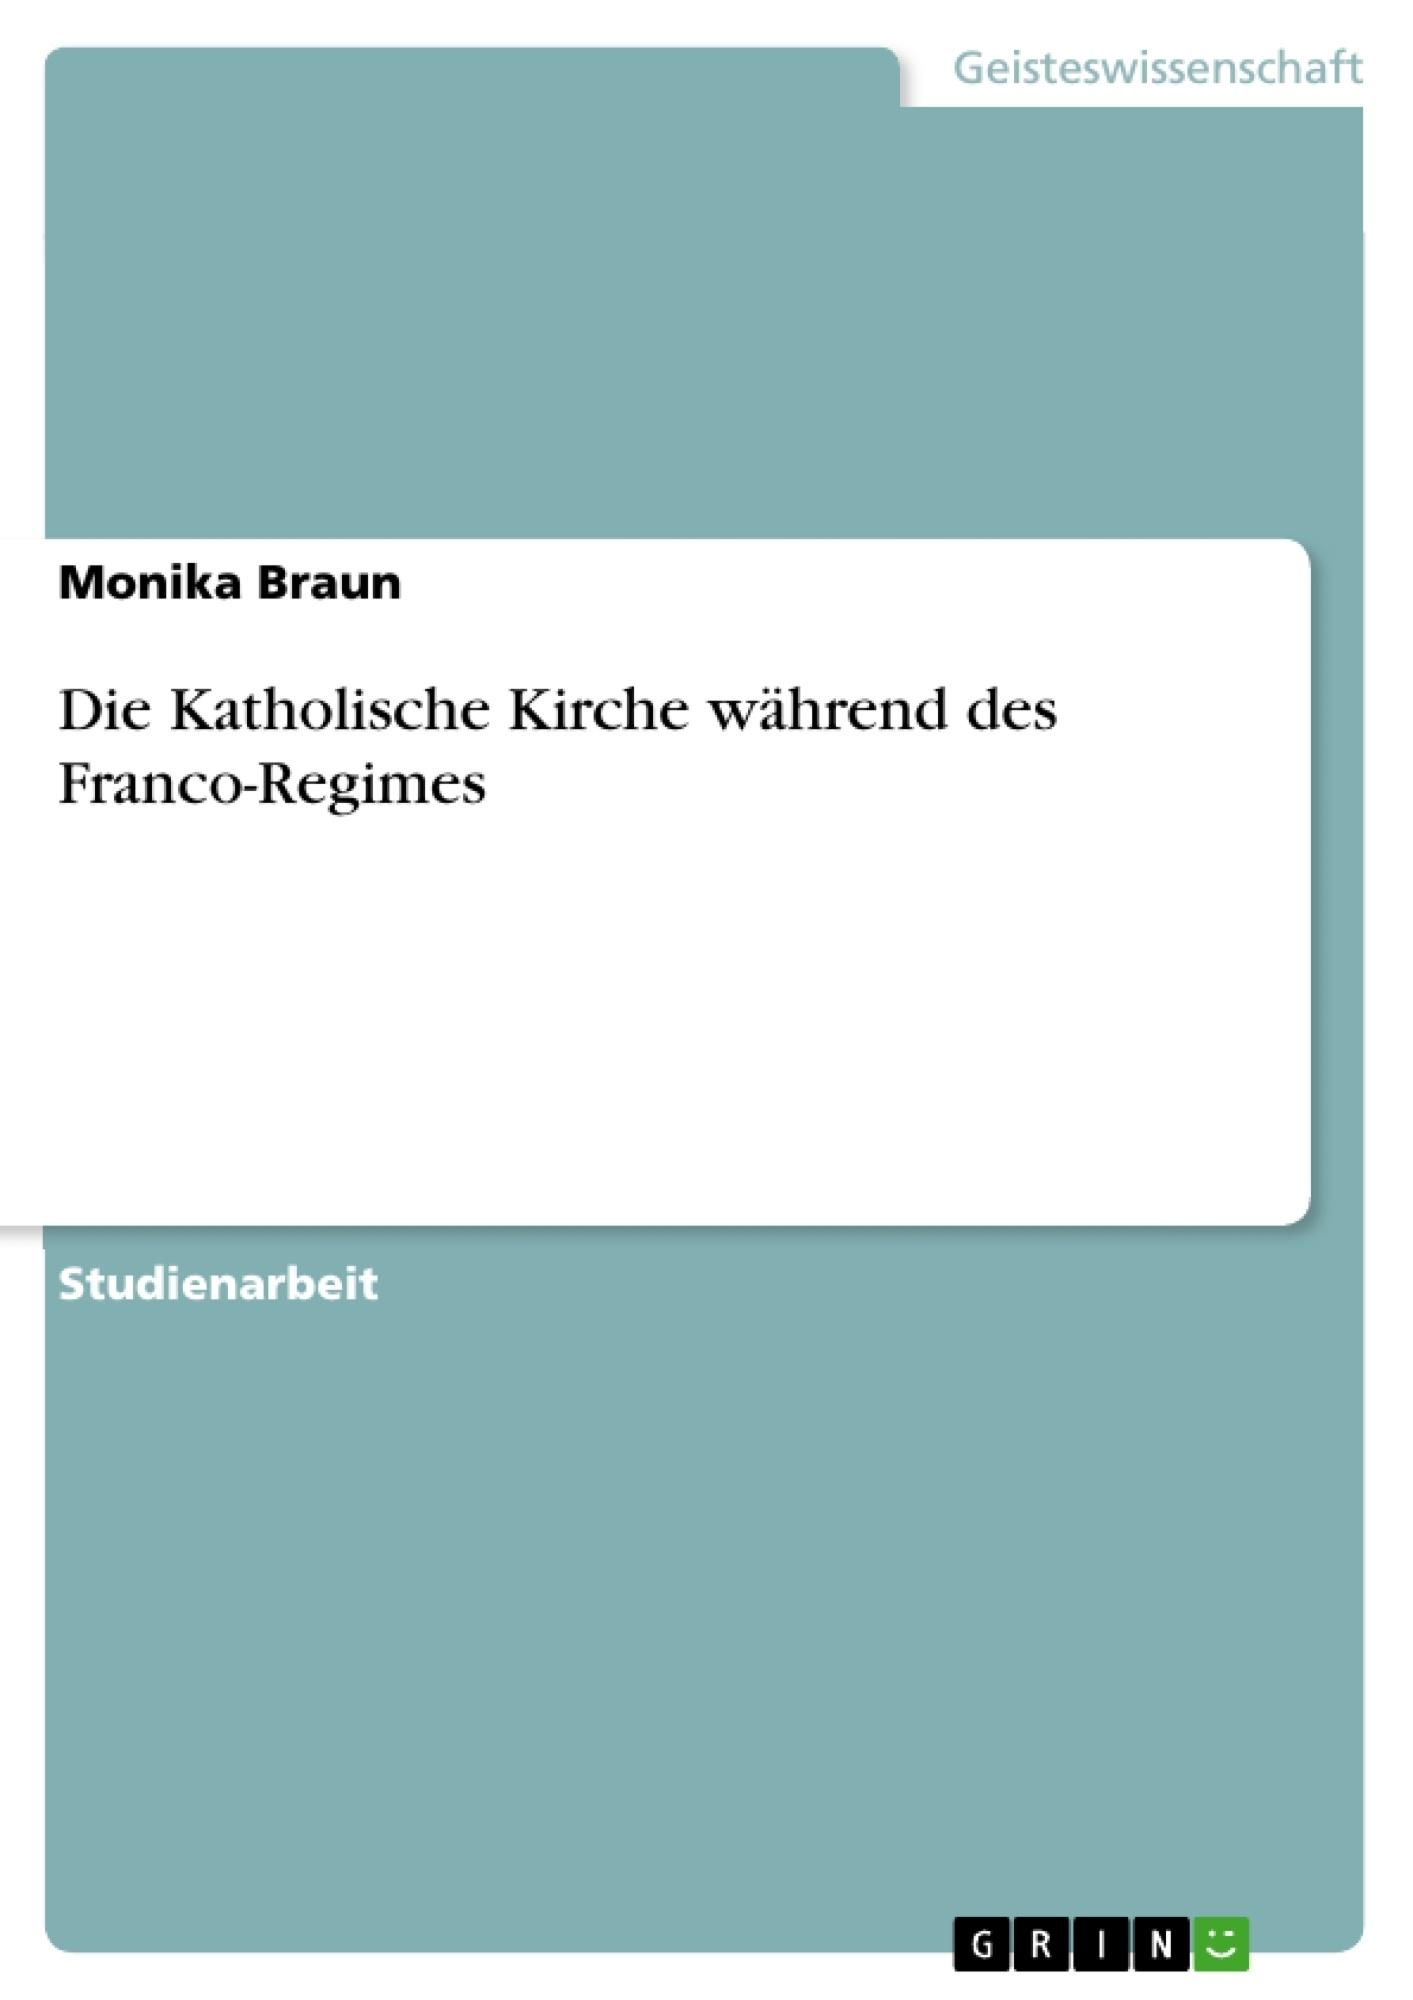 Titel: Die Katholische Kirche während des Franco-Regimes